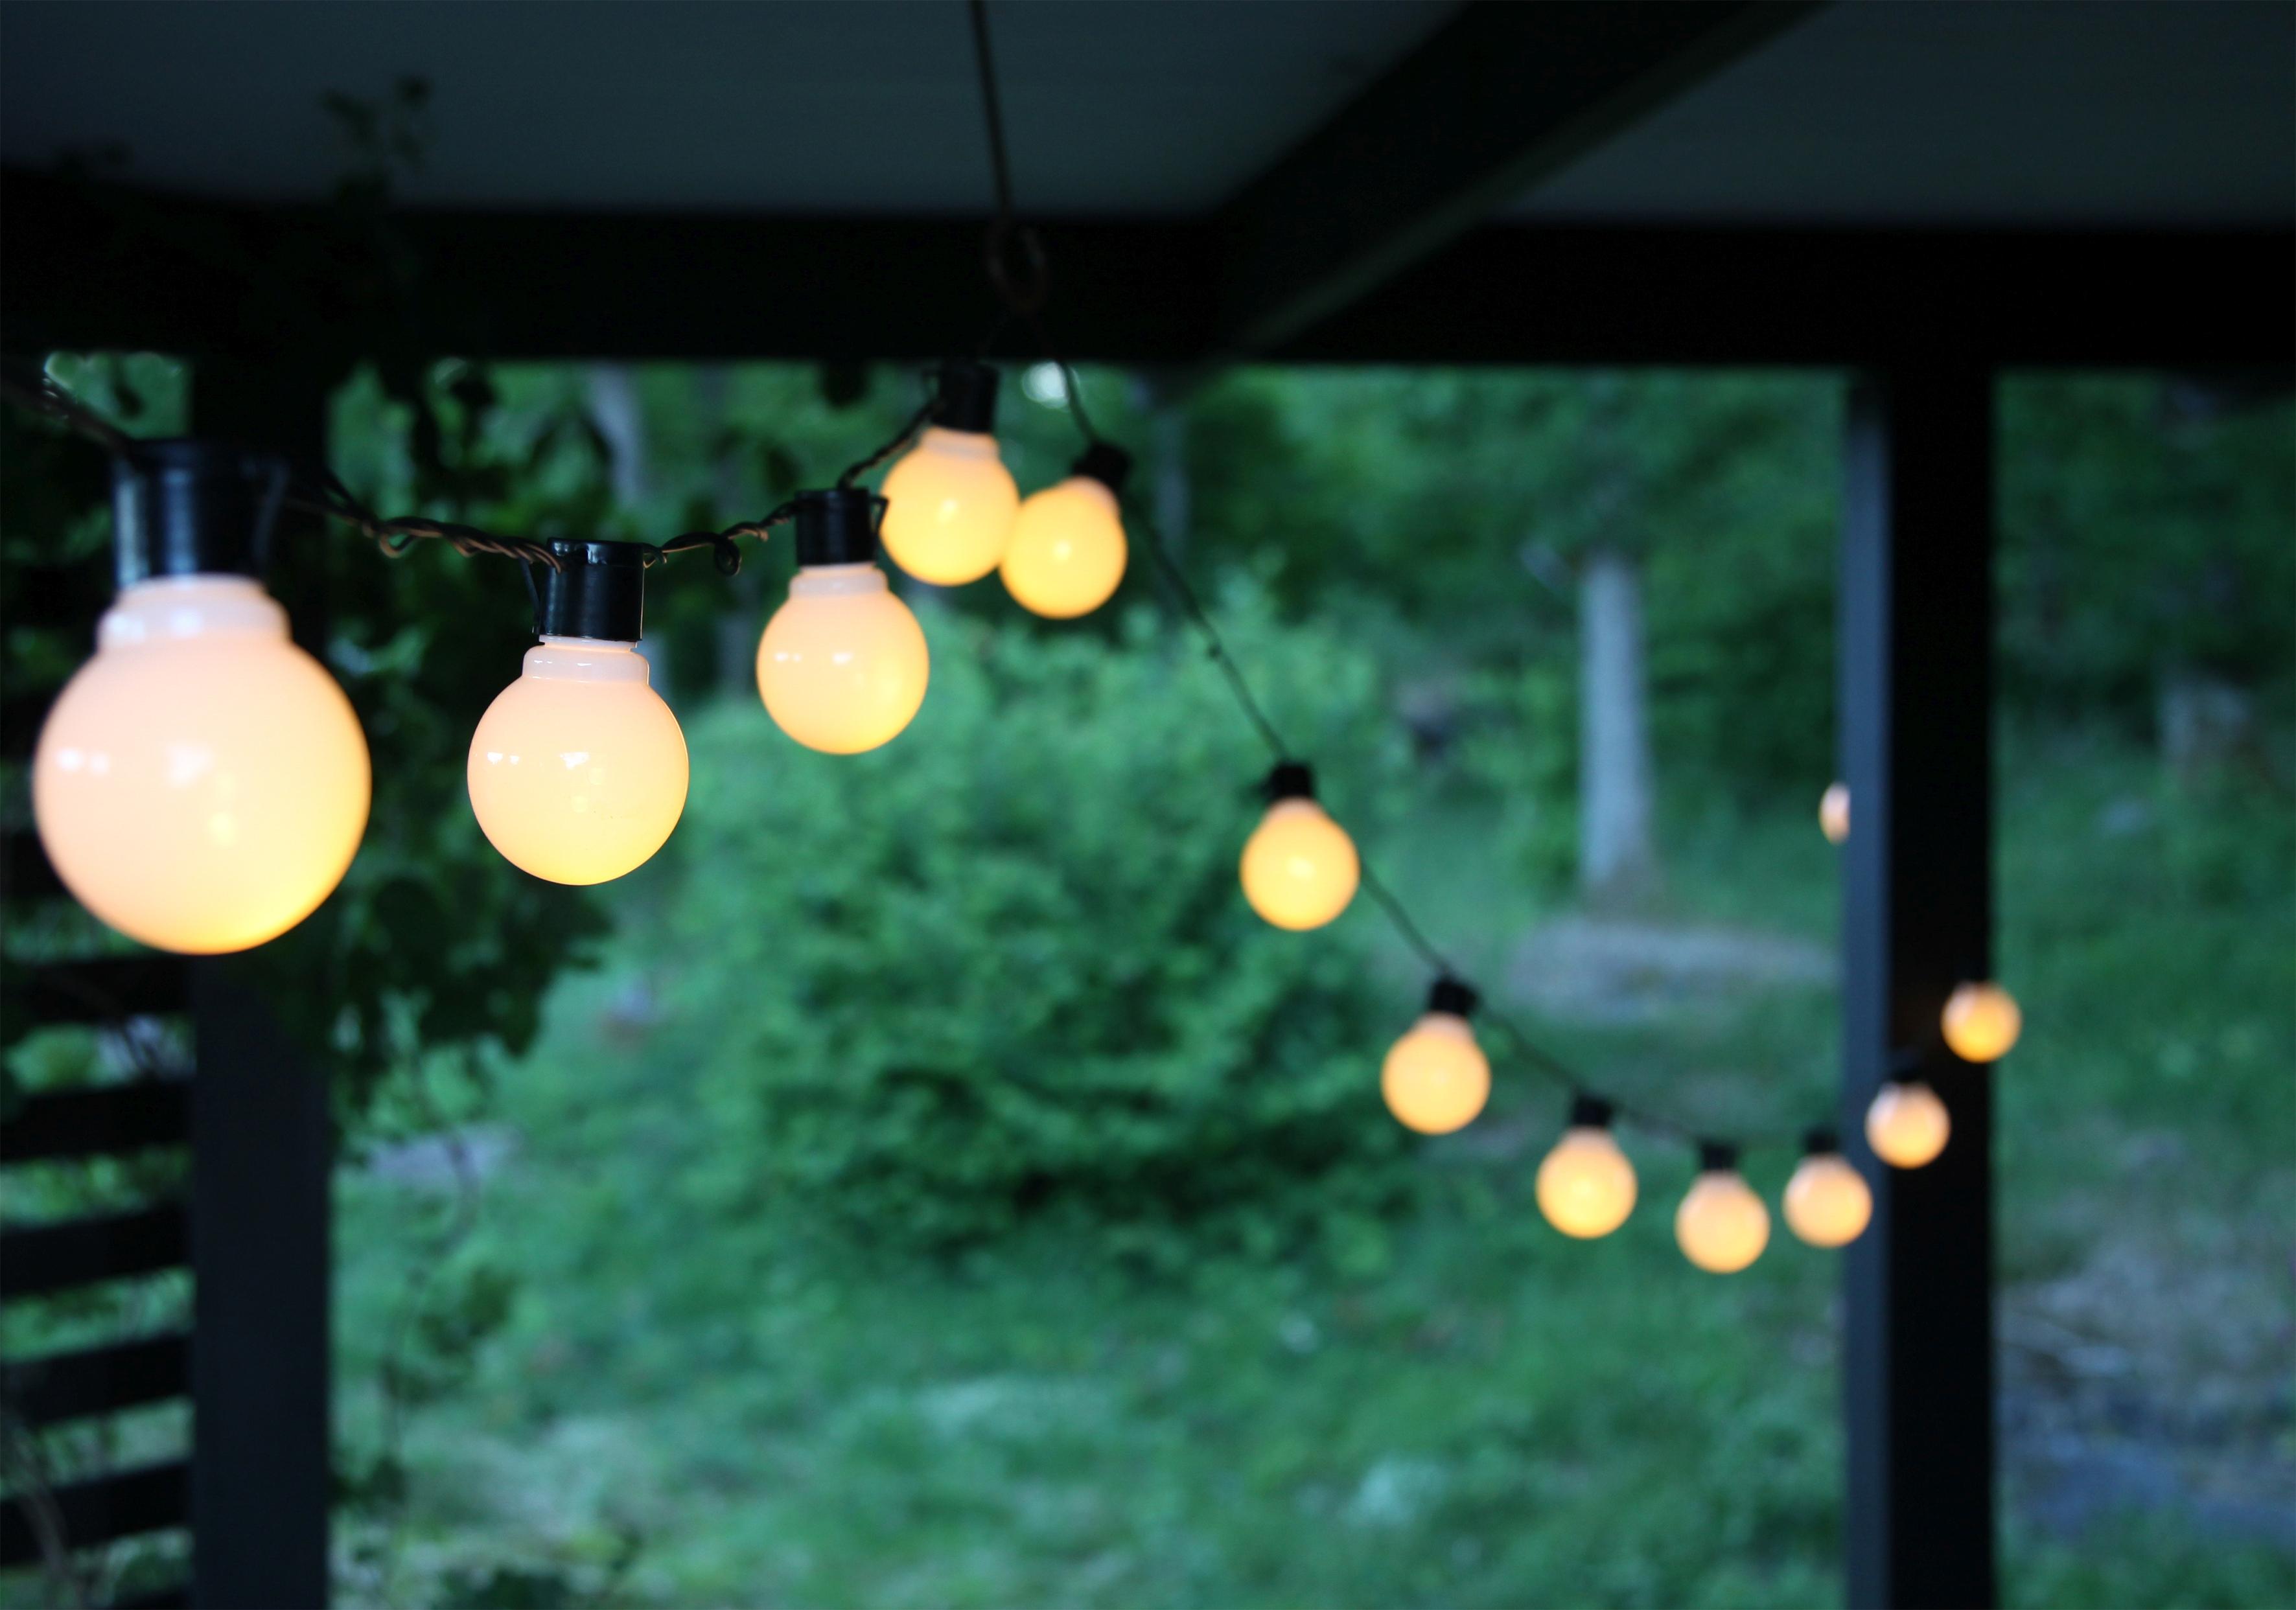 V altánku vyzerajú svetelné reťaze úplne fantasticky